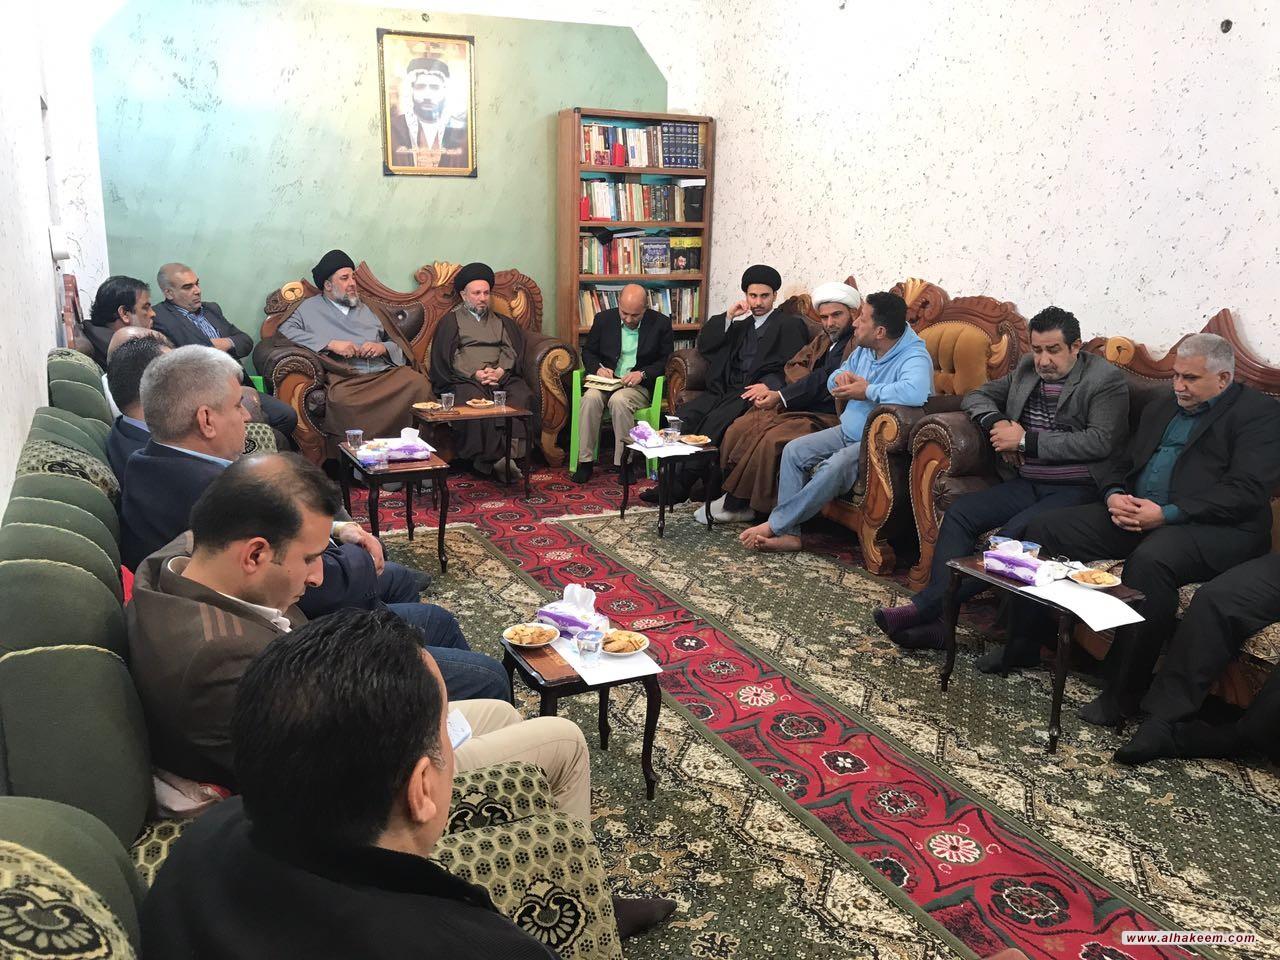 وفد مكتب سماحة المرجع الكبير السيد الحكيم(مدّ ظله) يلتقي بمجموعة من النخب والكفاءات في مدينة الصدر بالعاصمة بغداد